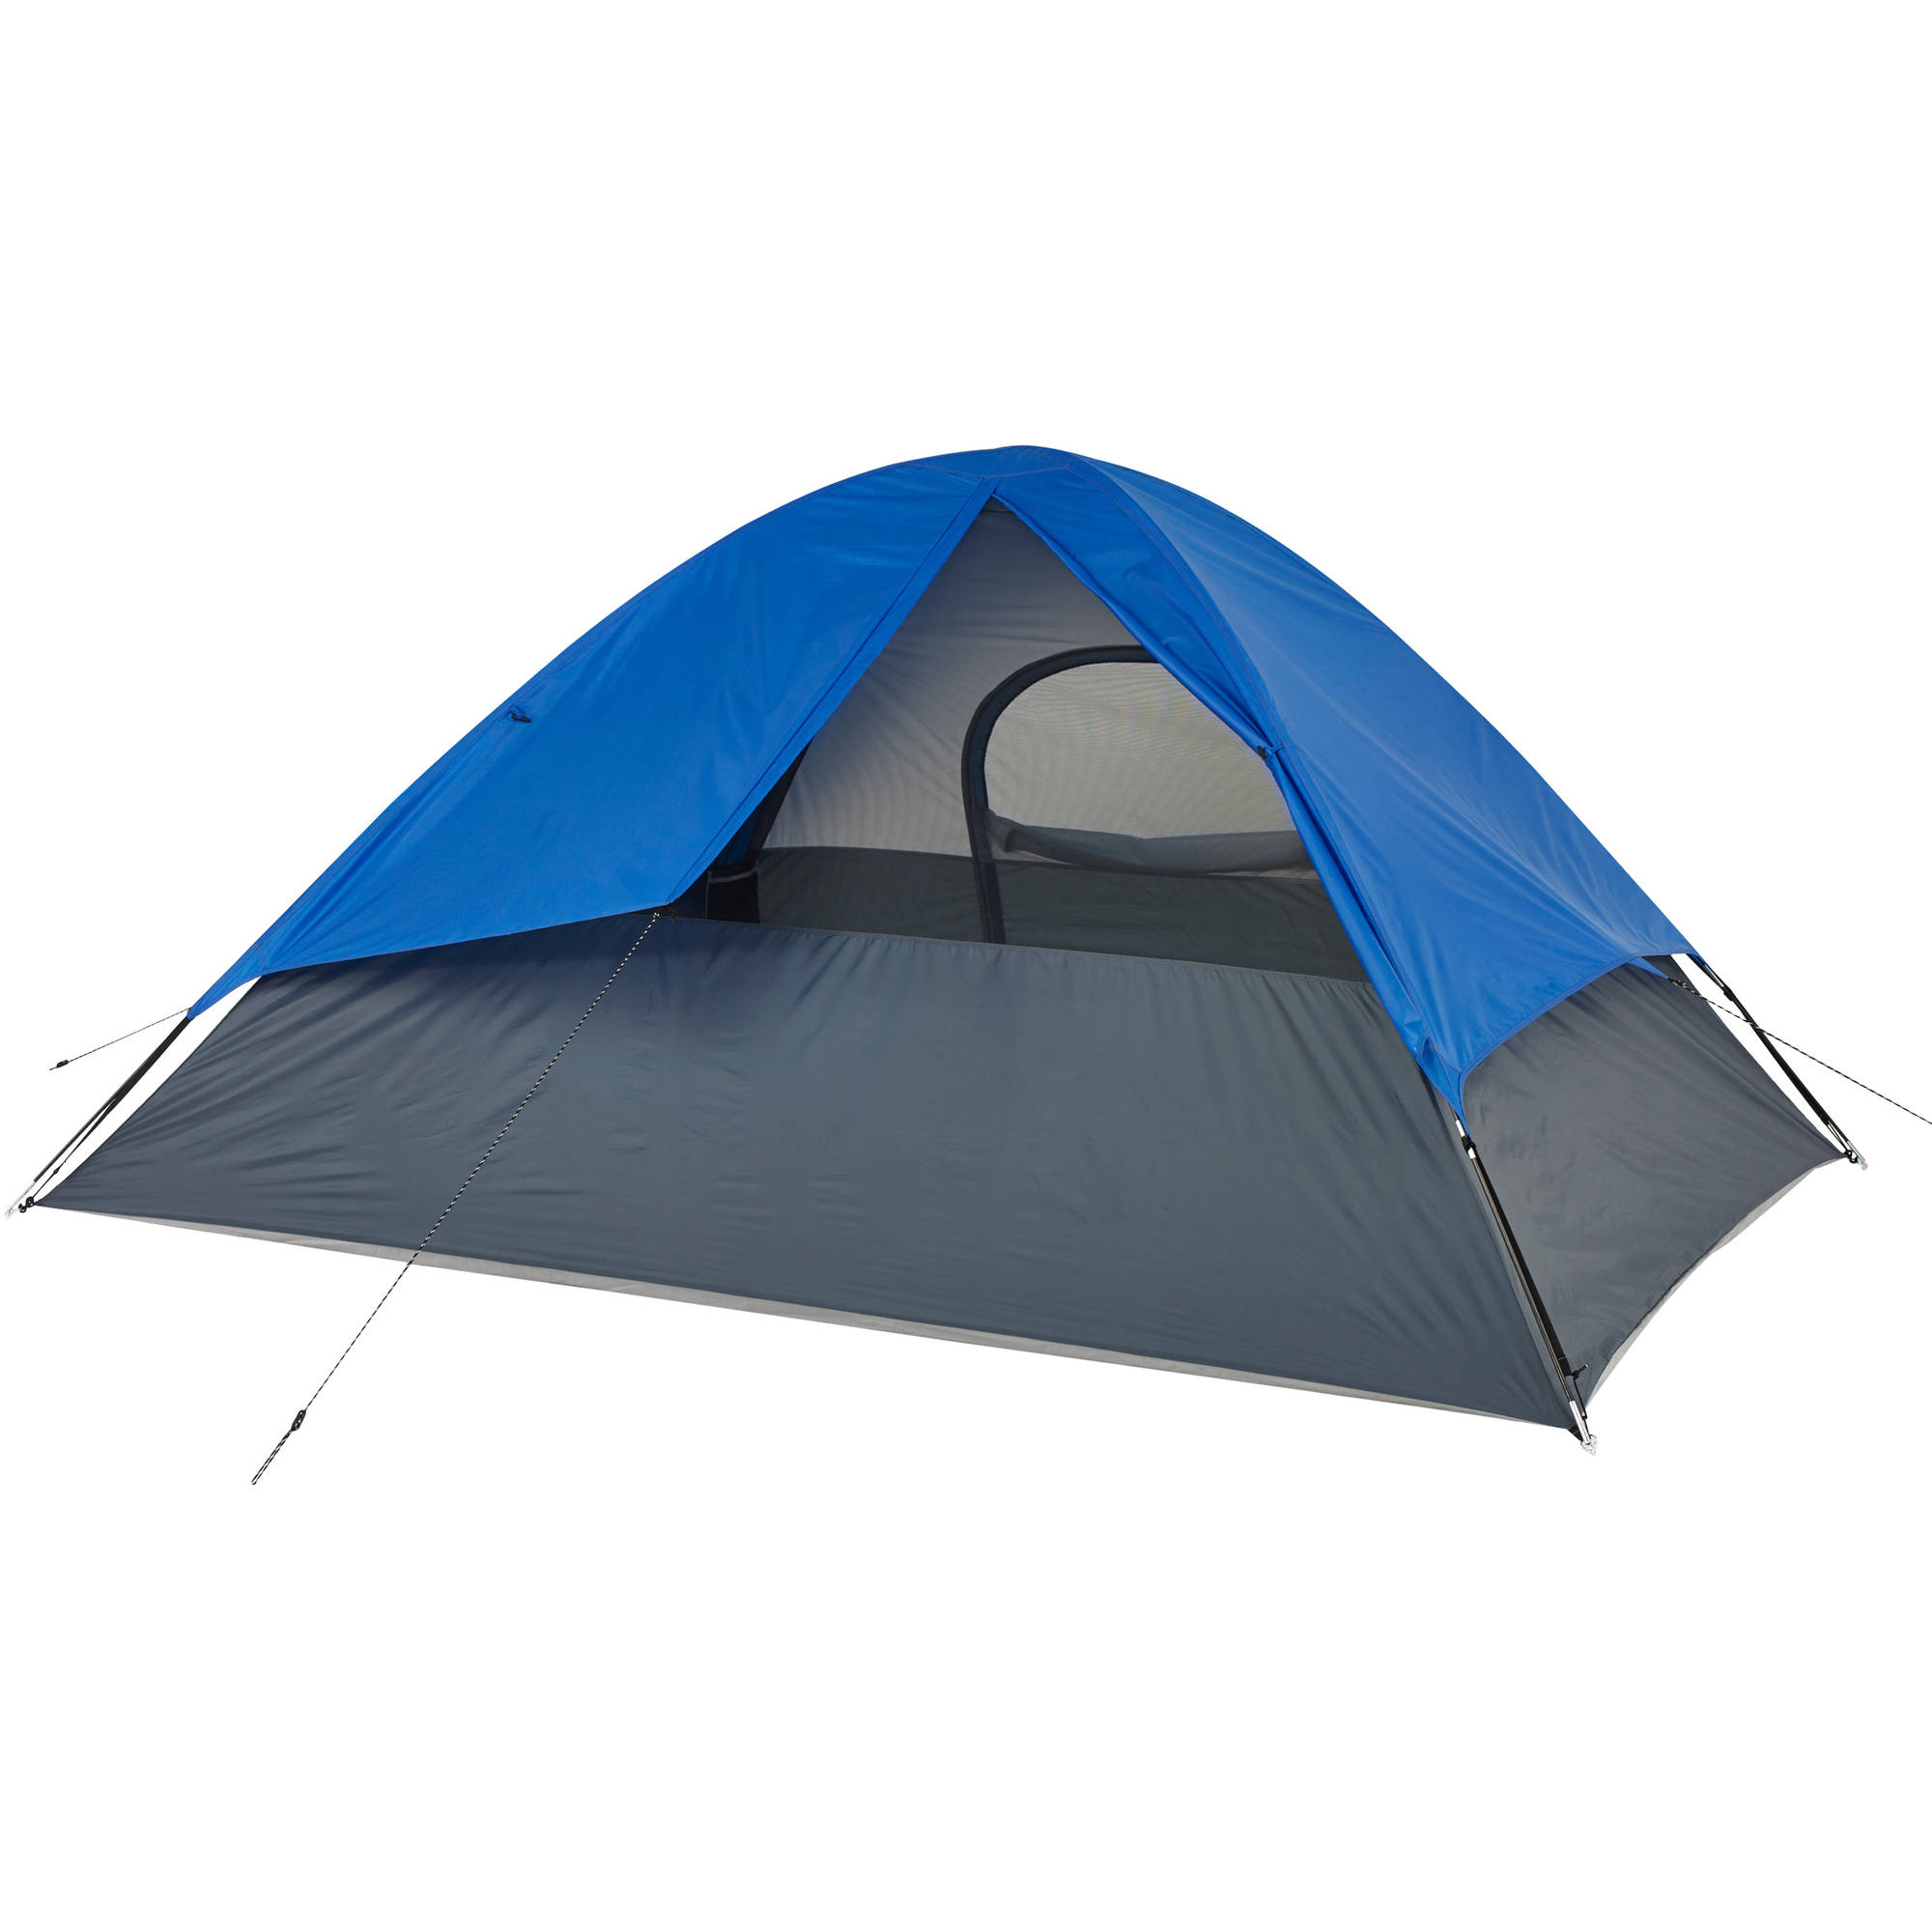 sc 1 st  Walmart.com & Ozark Trail 4-Person Dome Tent - Walmart.com